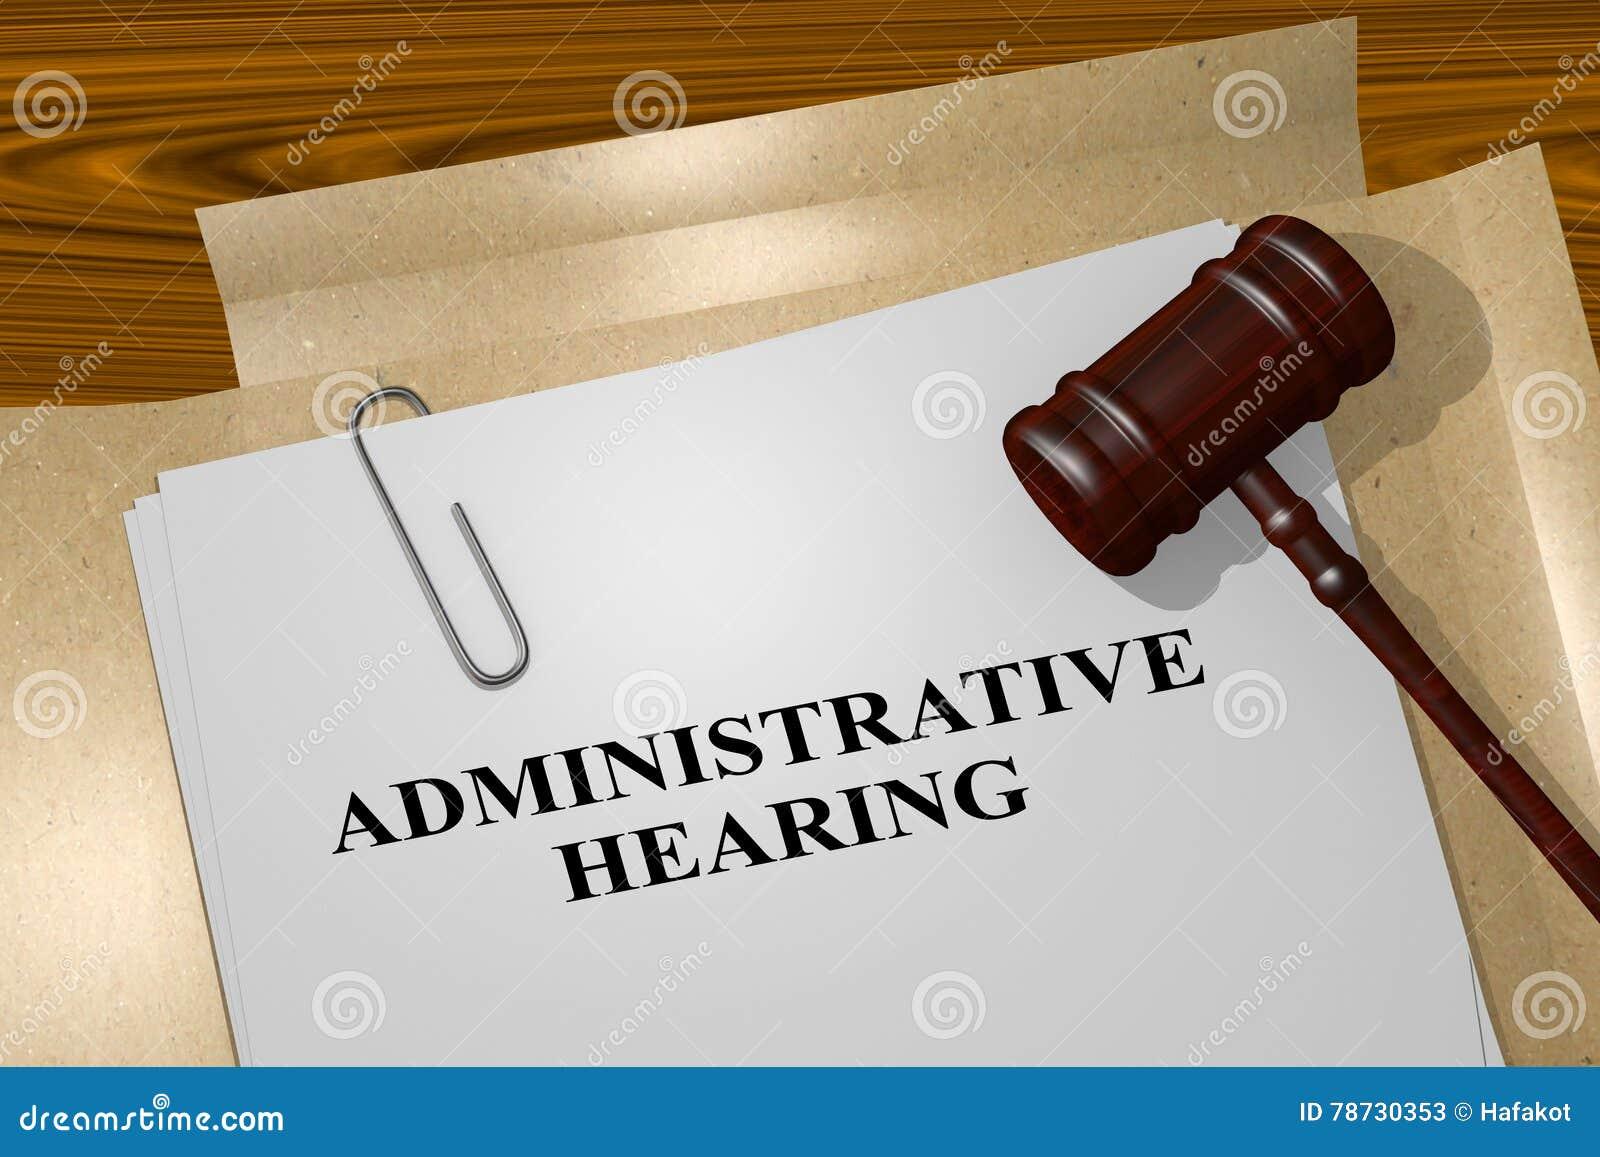 Administrativ utfrågning - lagligt begrepp